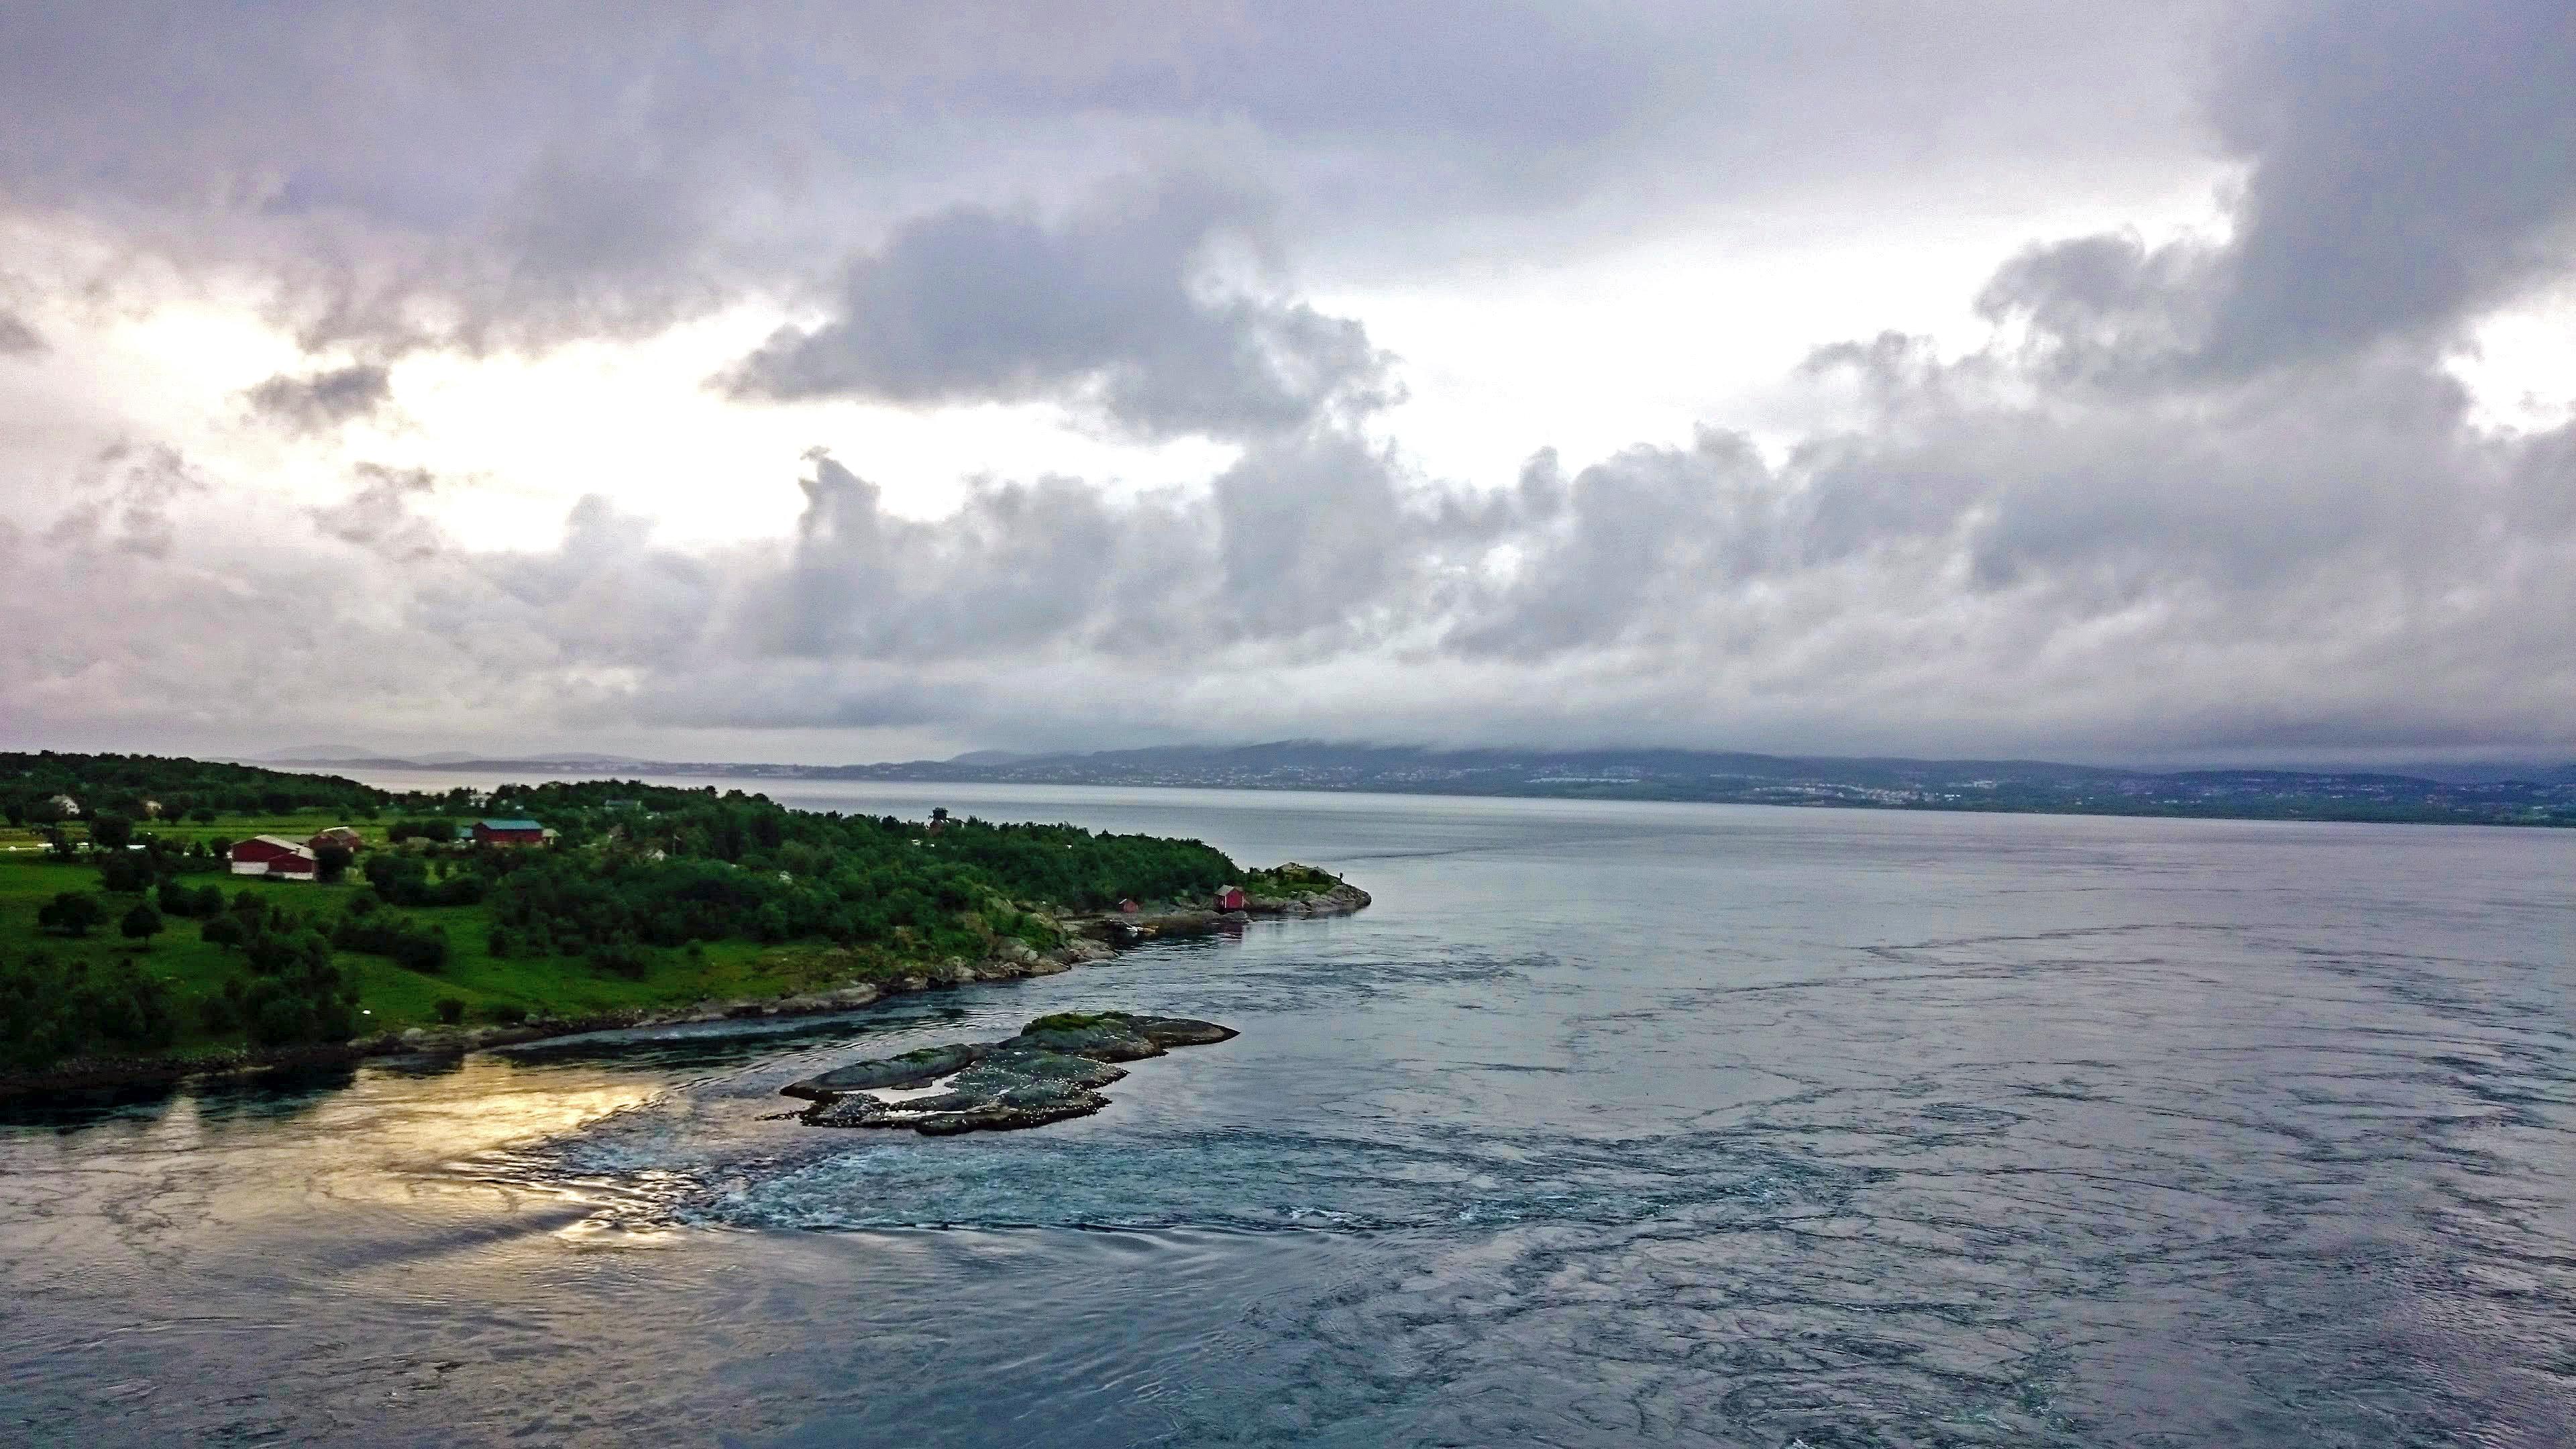 Saltsraumen, voda se žene zpět do moře